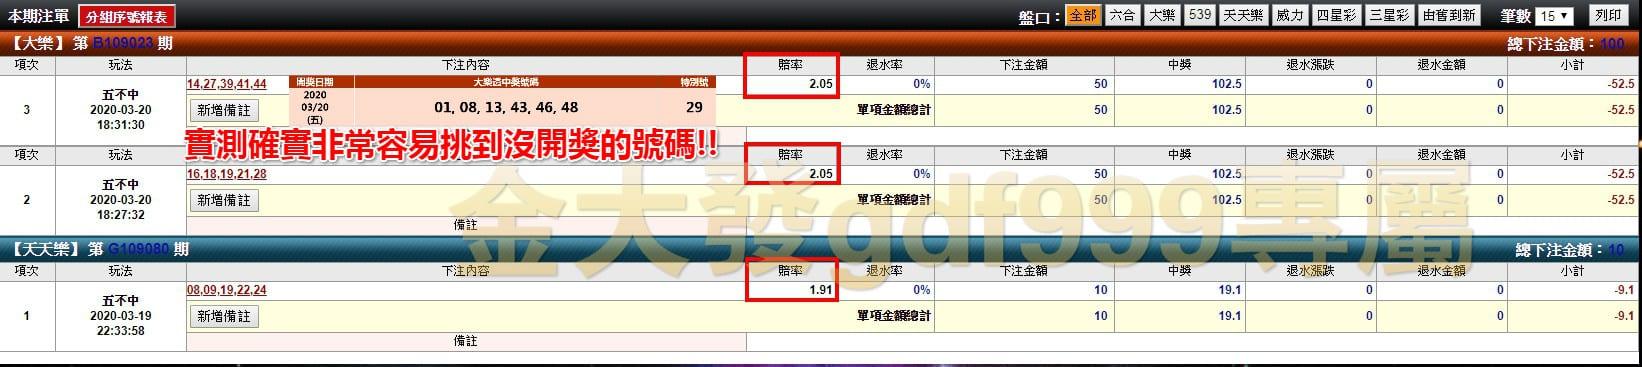 金大發娛樂城彩球不開牌玩法新推出 六合彩,天天樂,今彩539都有